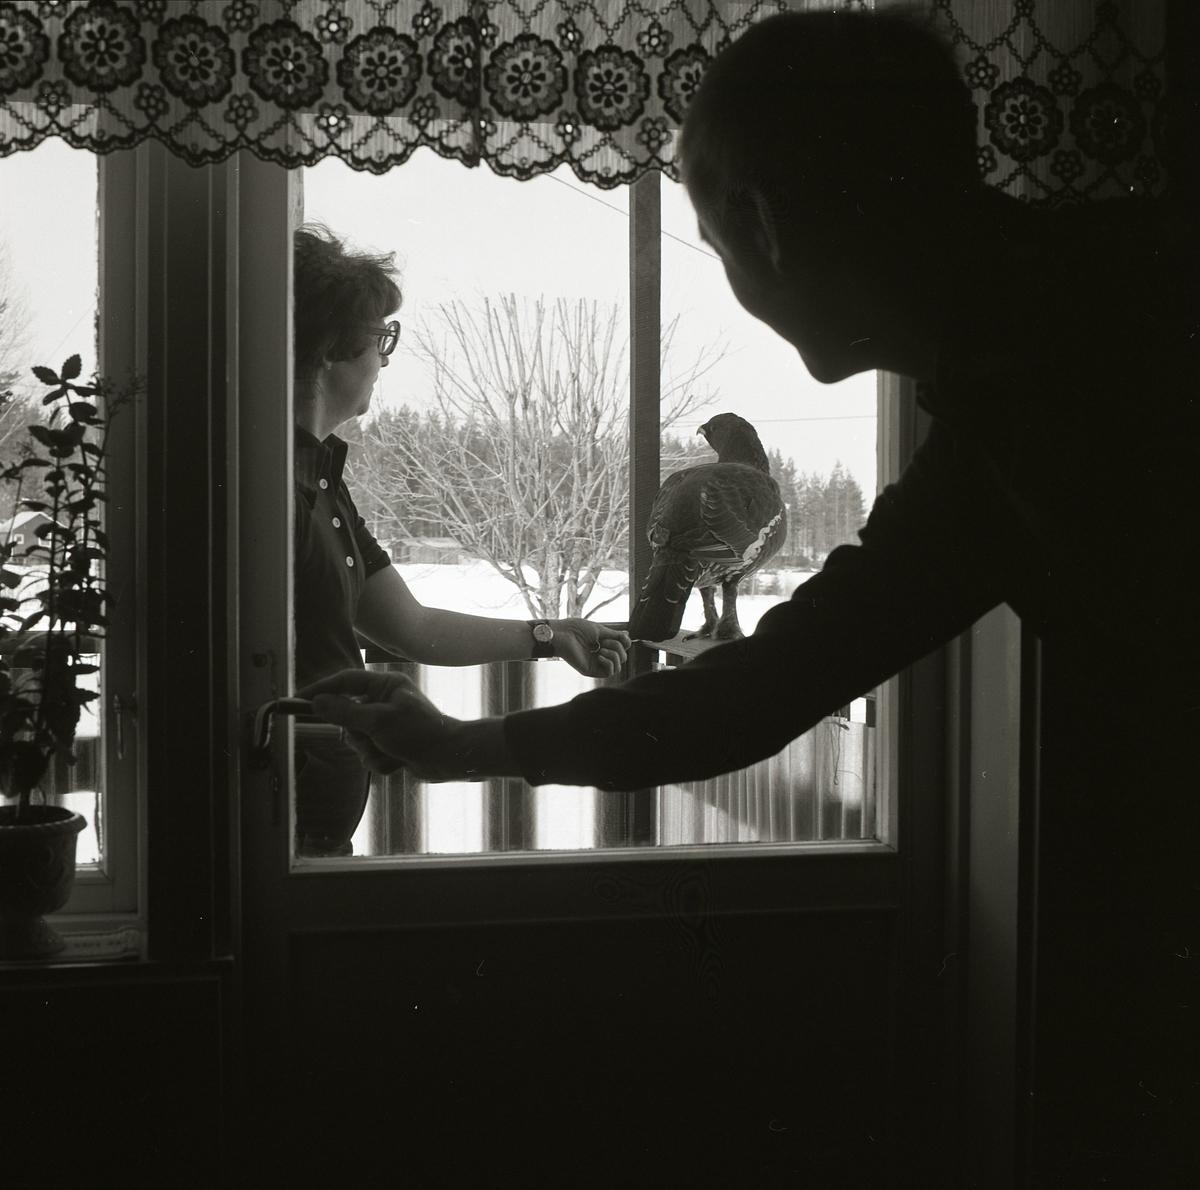 En man tittar ut genom fönsterrutan på en kvinna. Kvinnan står bredvid en tjädertupp och rör försiktigt vid dess stjärtfjädrar. Fågeln sitter på balkongräcket och utanför terassen ligger snön tjock.